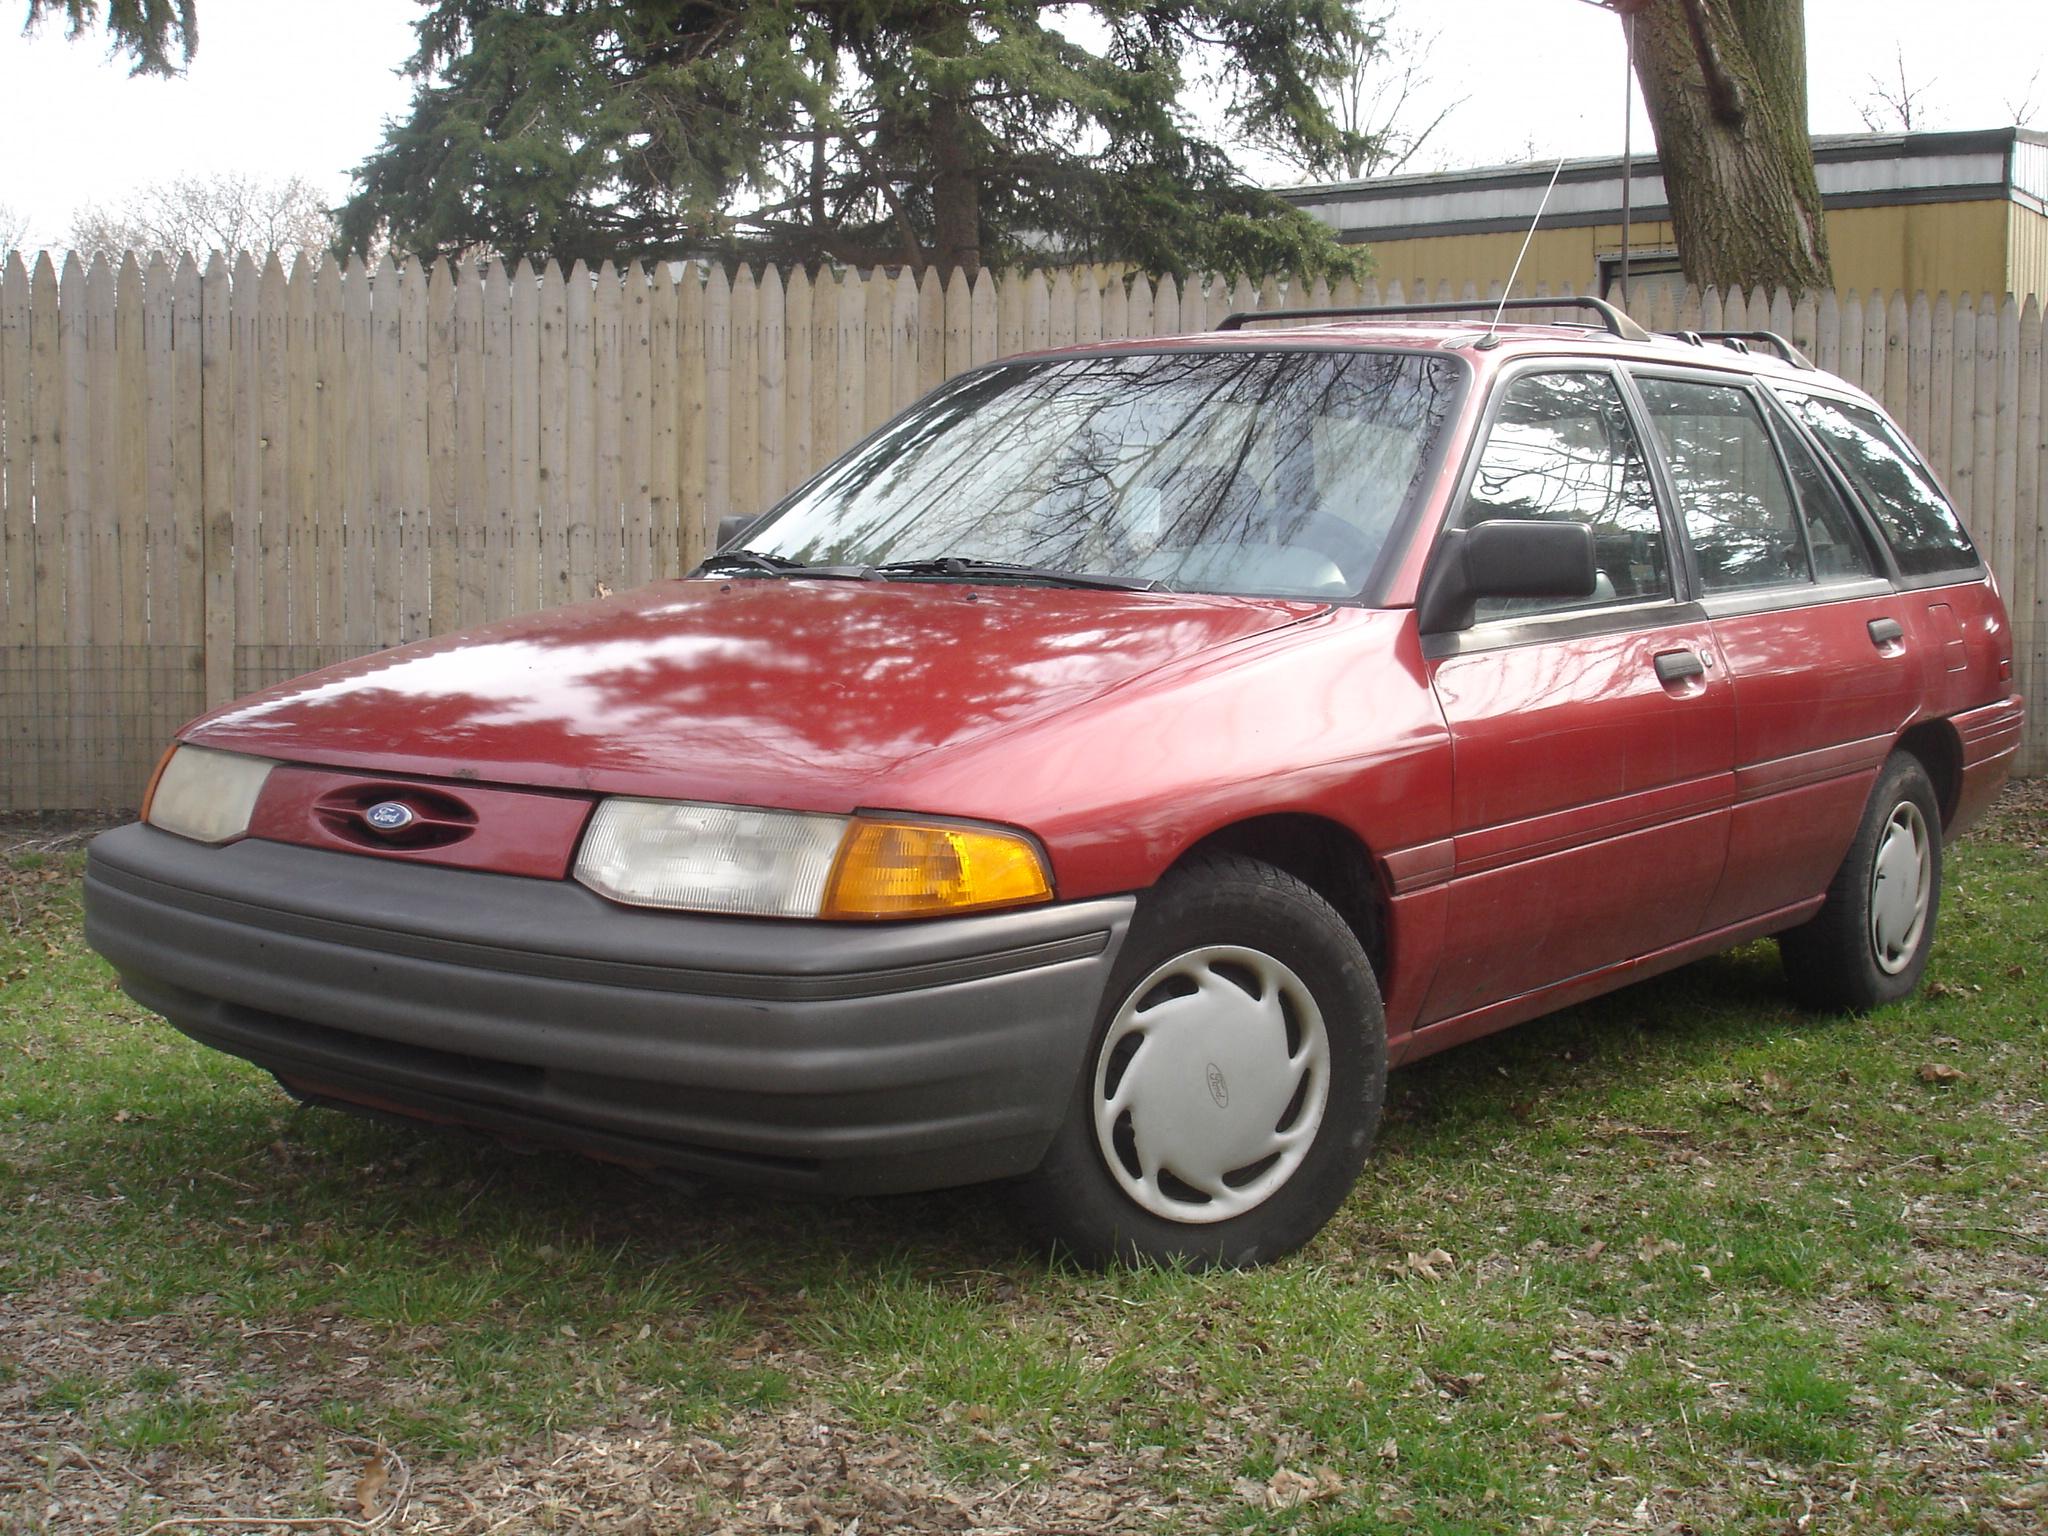 Ford Escort (North America) II 1990 - 1996 Hatchback 3 door #4